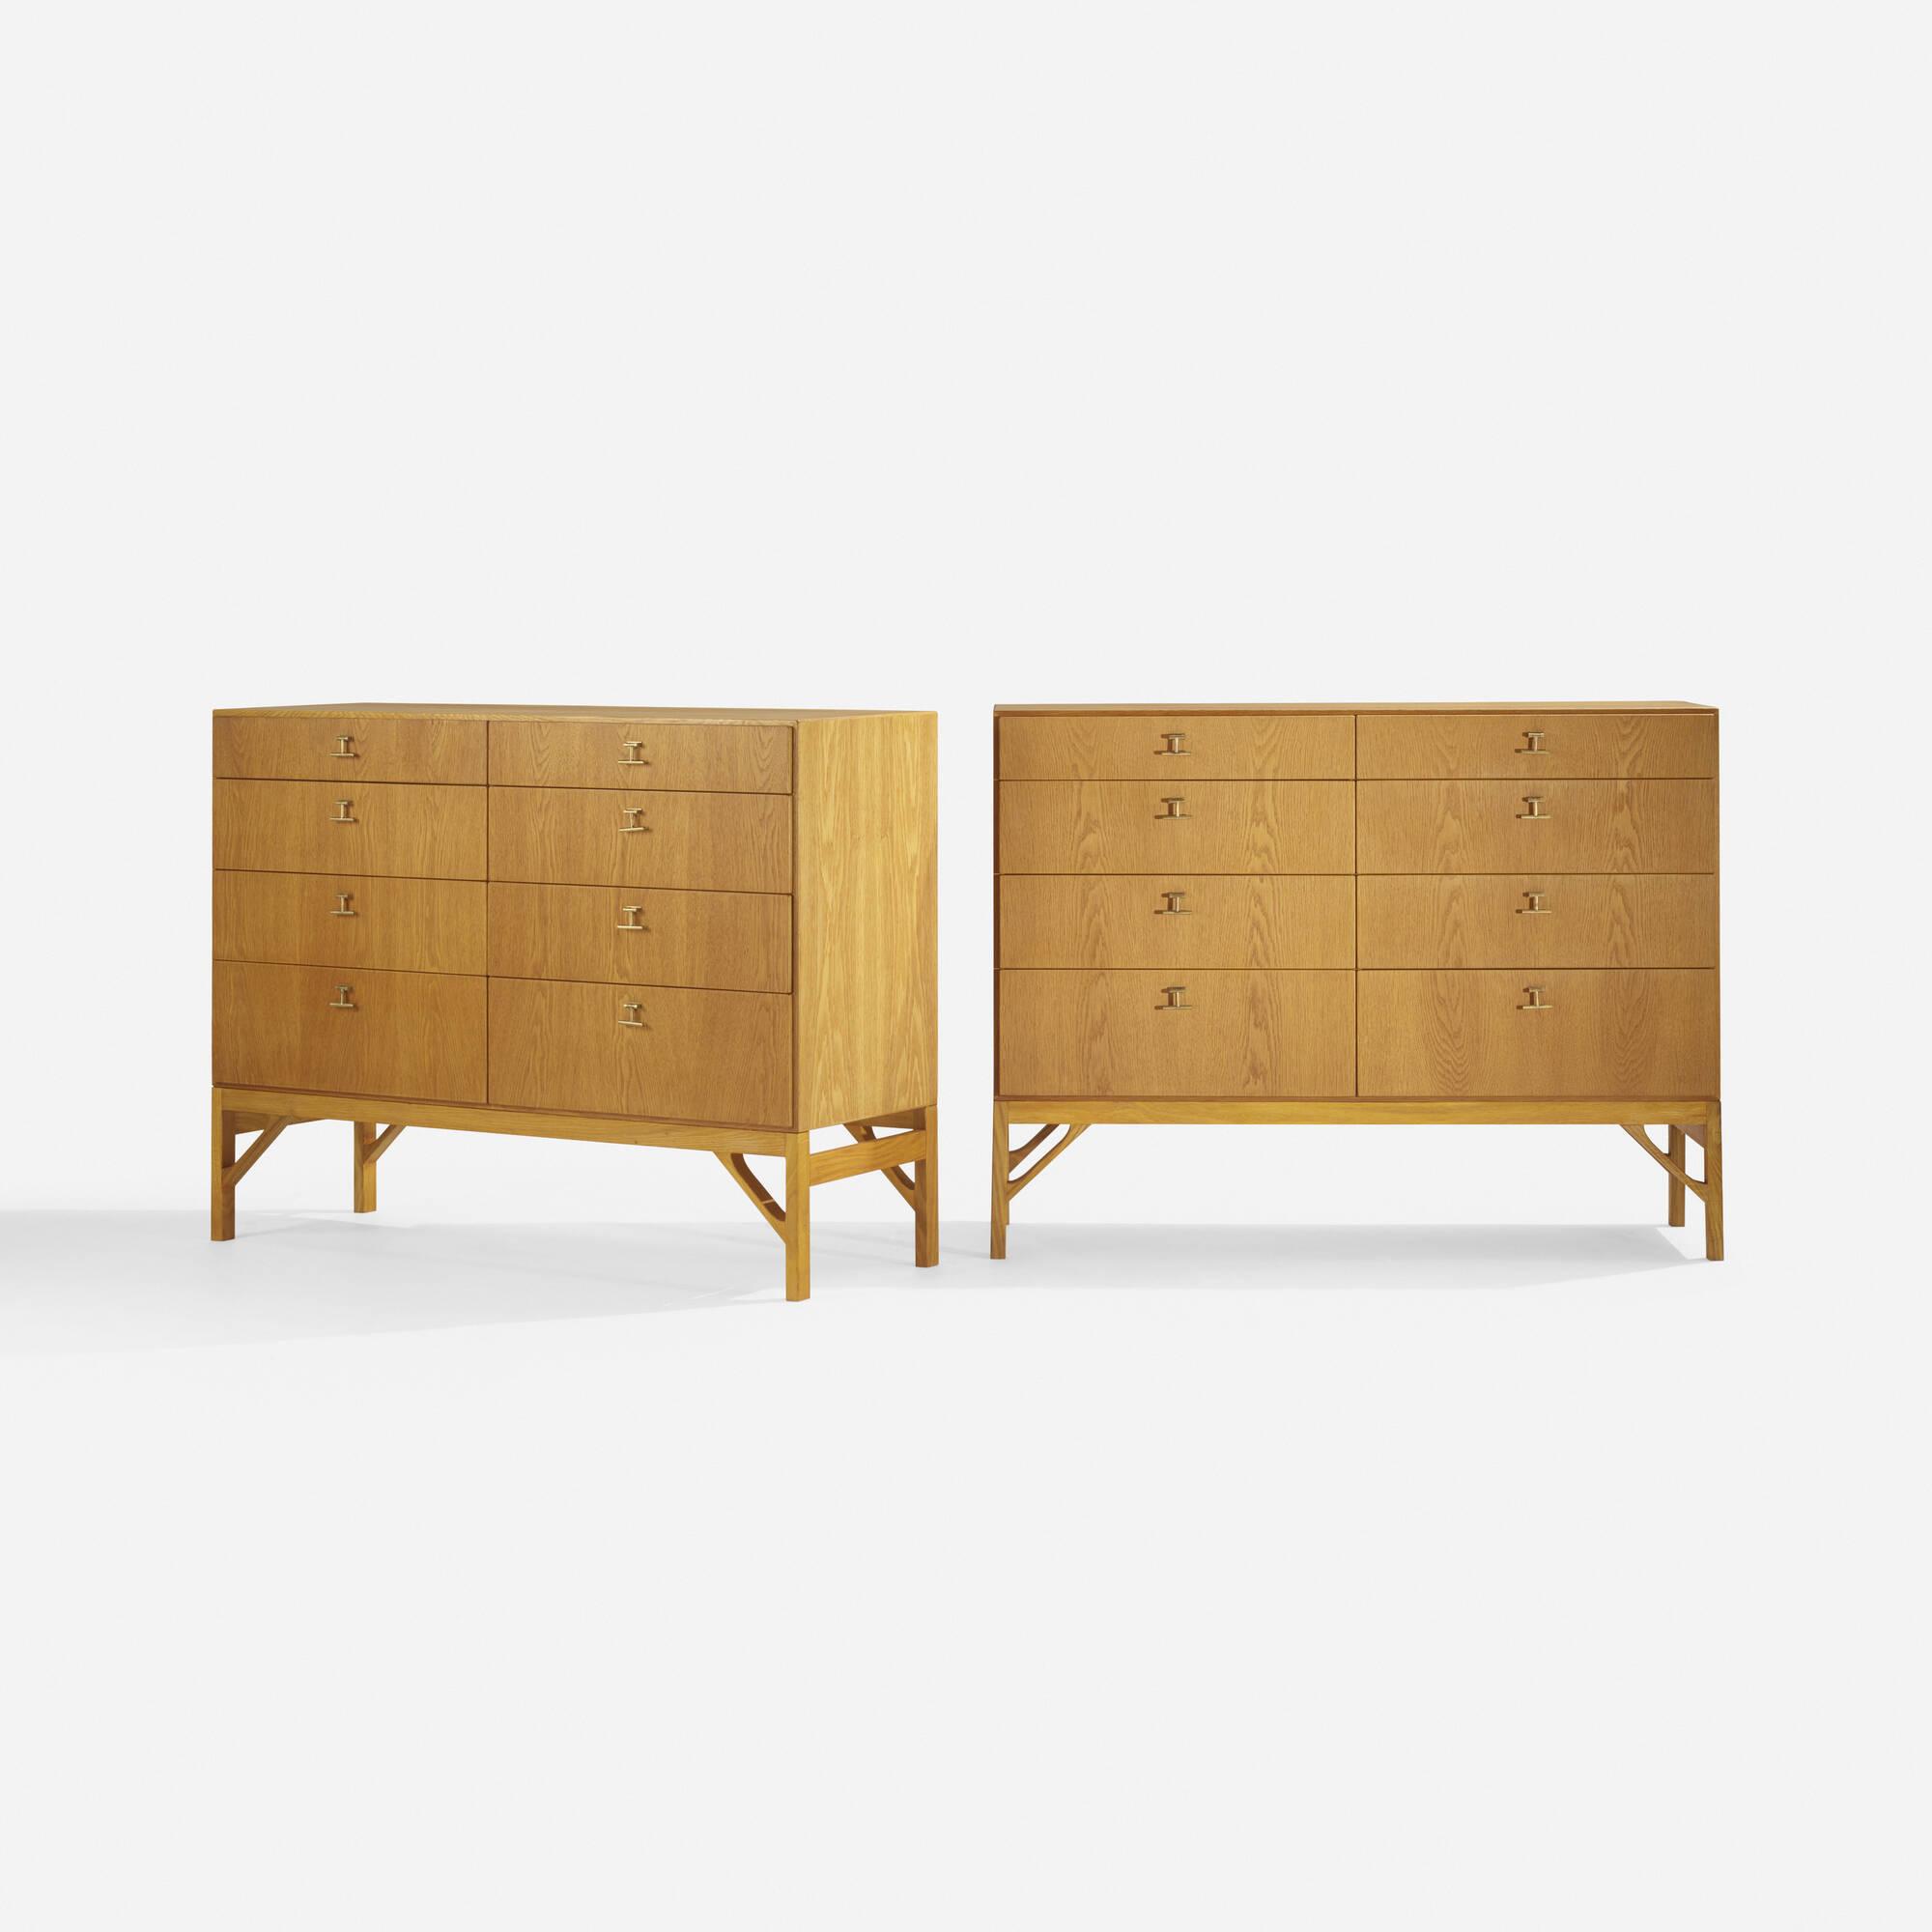 252: Børge Mogensen / cabinets, pair (2 of 4)